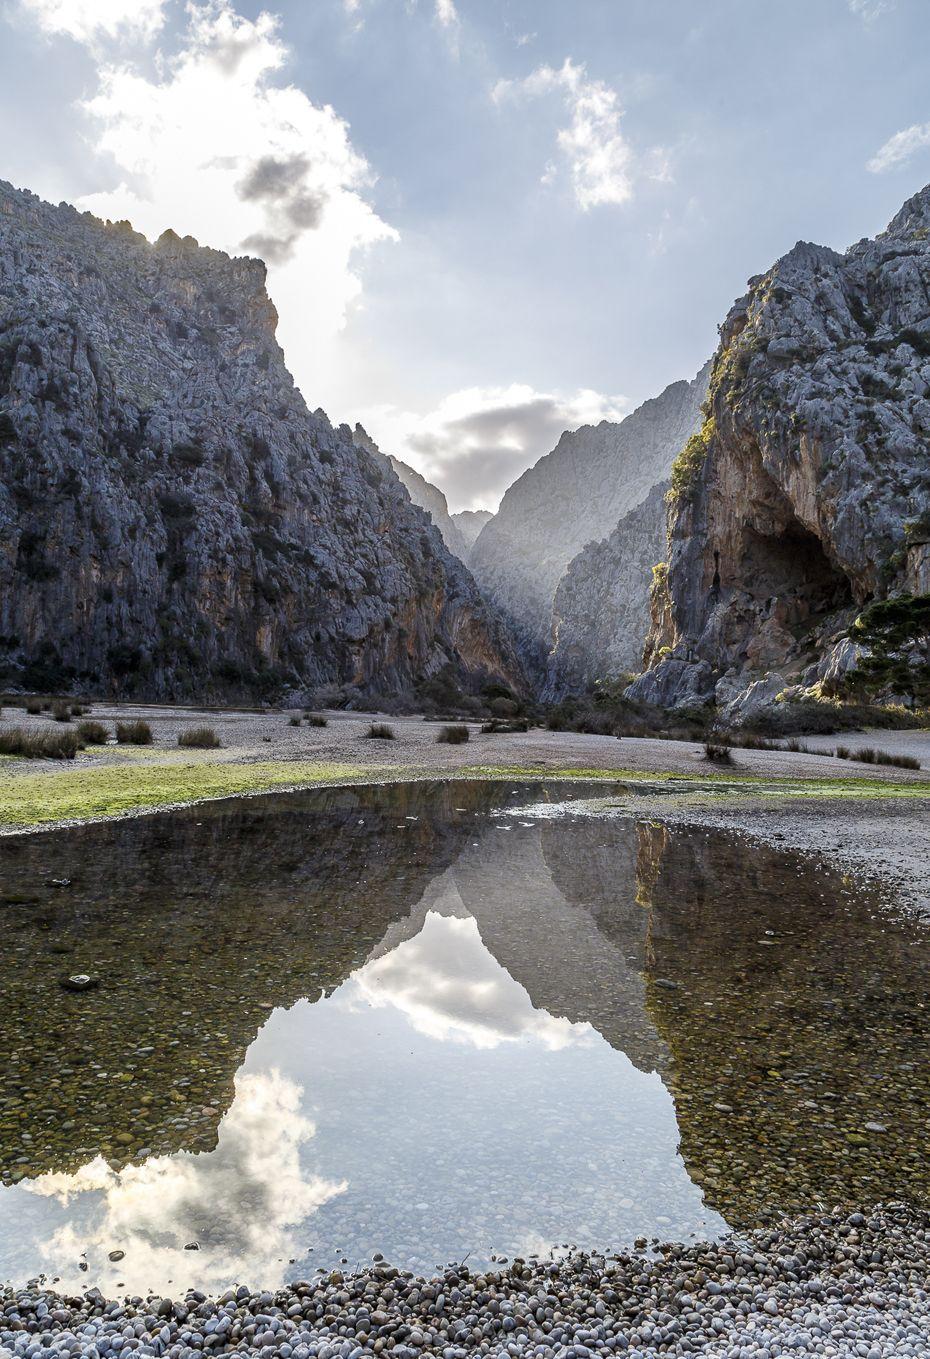 Die 10 schönsten Fotospots auf Mallorca Reisetipps